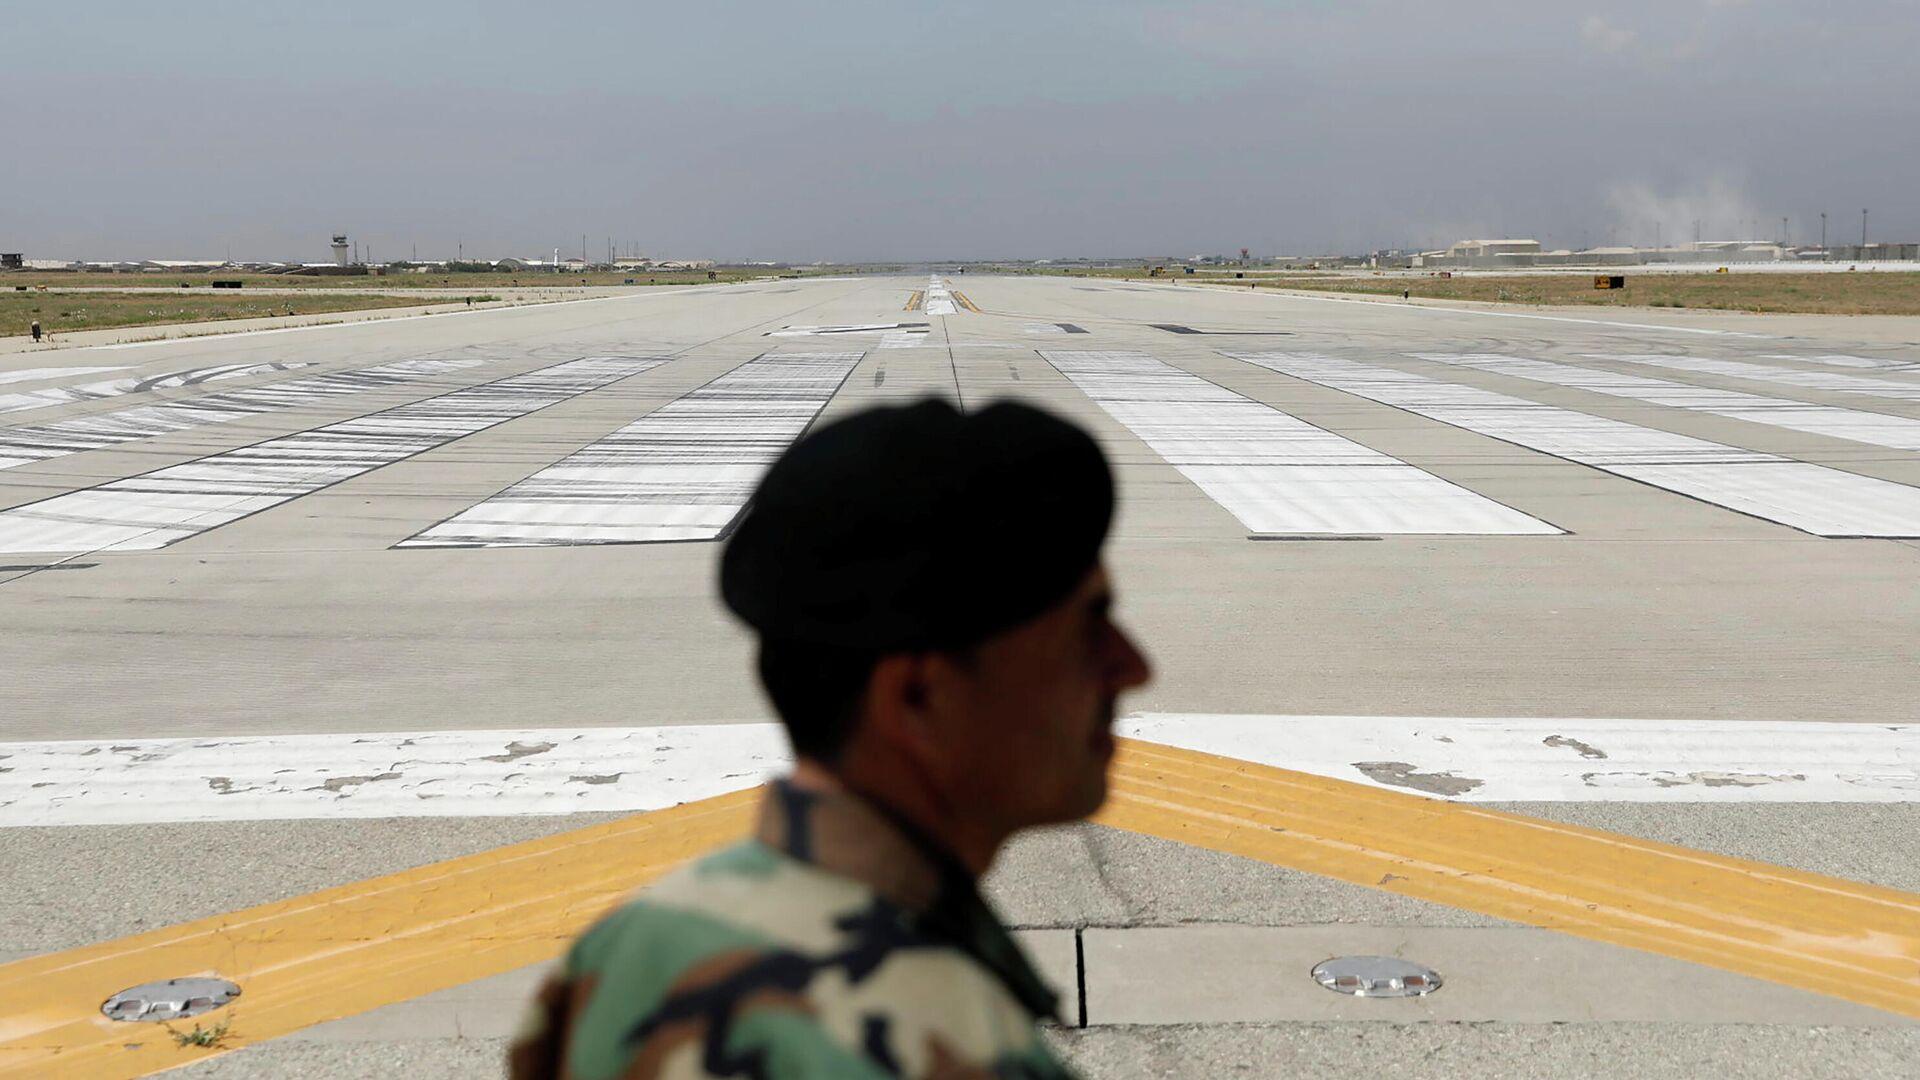 Взлетно-посадочная полоса на американской авиабазе Баграм в Афганистане, опустевшая после вывода американских войск - РИА Новости, 1920, 08.07.2021